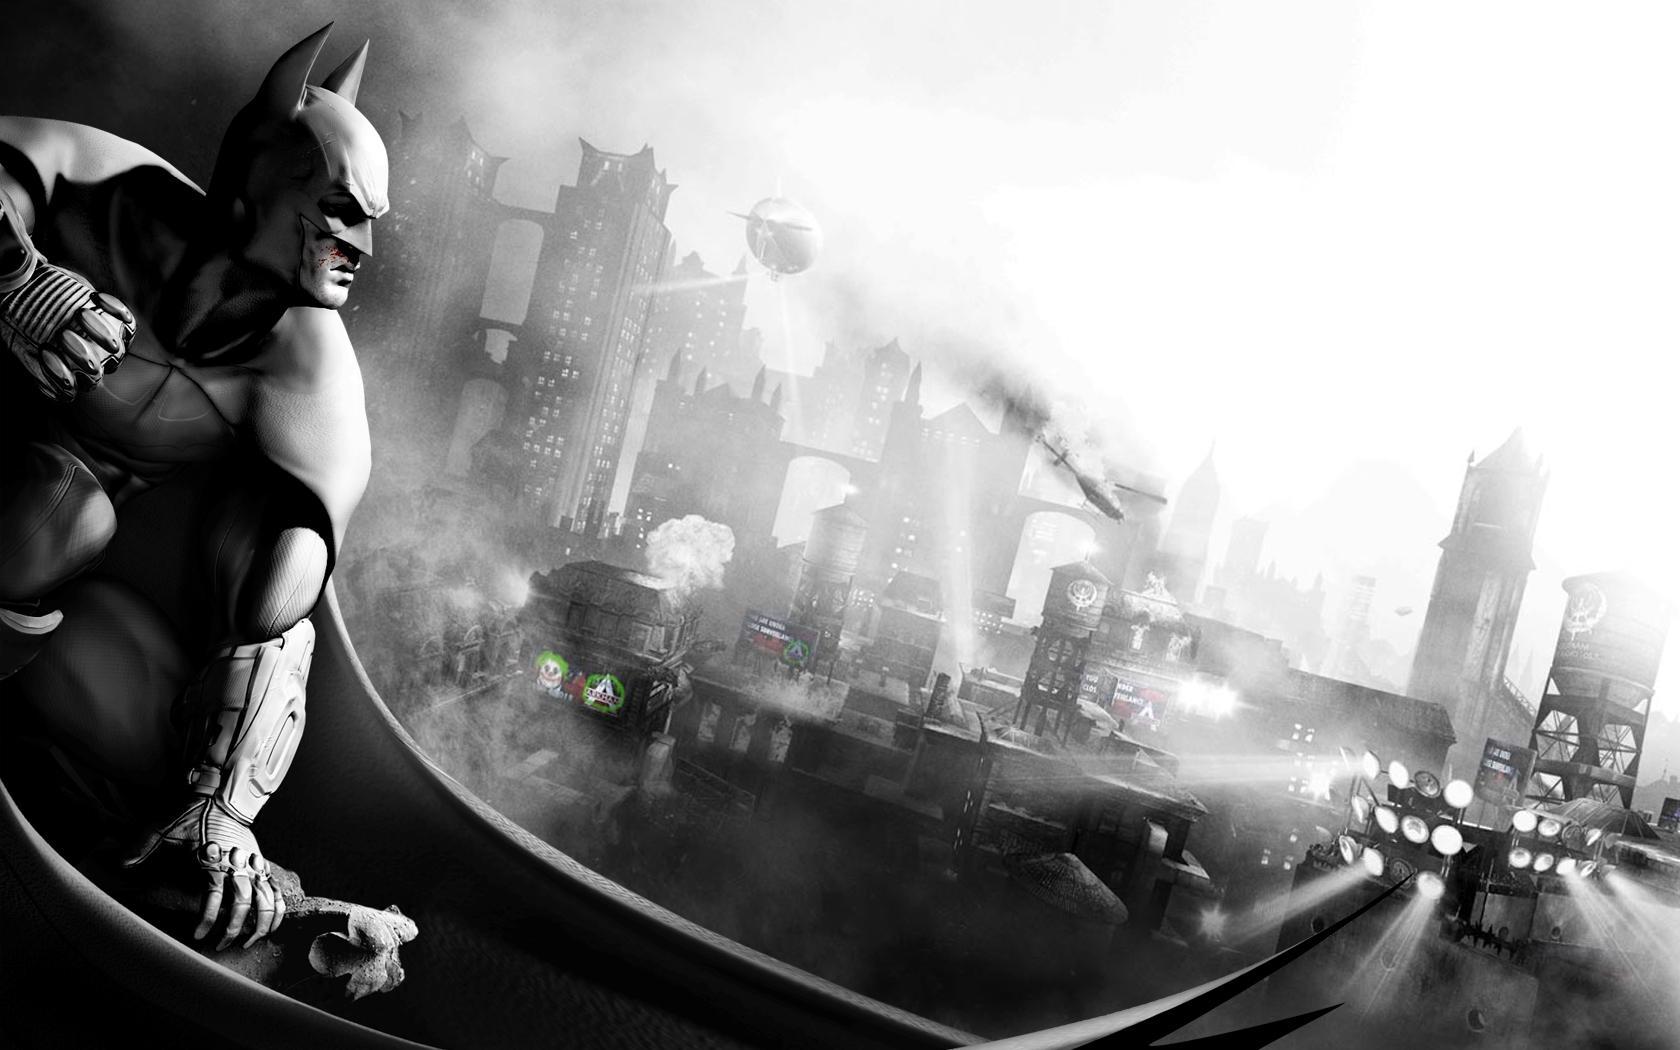 El próximo juego de Batman será una precuela de Arkham Asylum [SANTOS RUMORES BATMAN!]